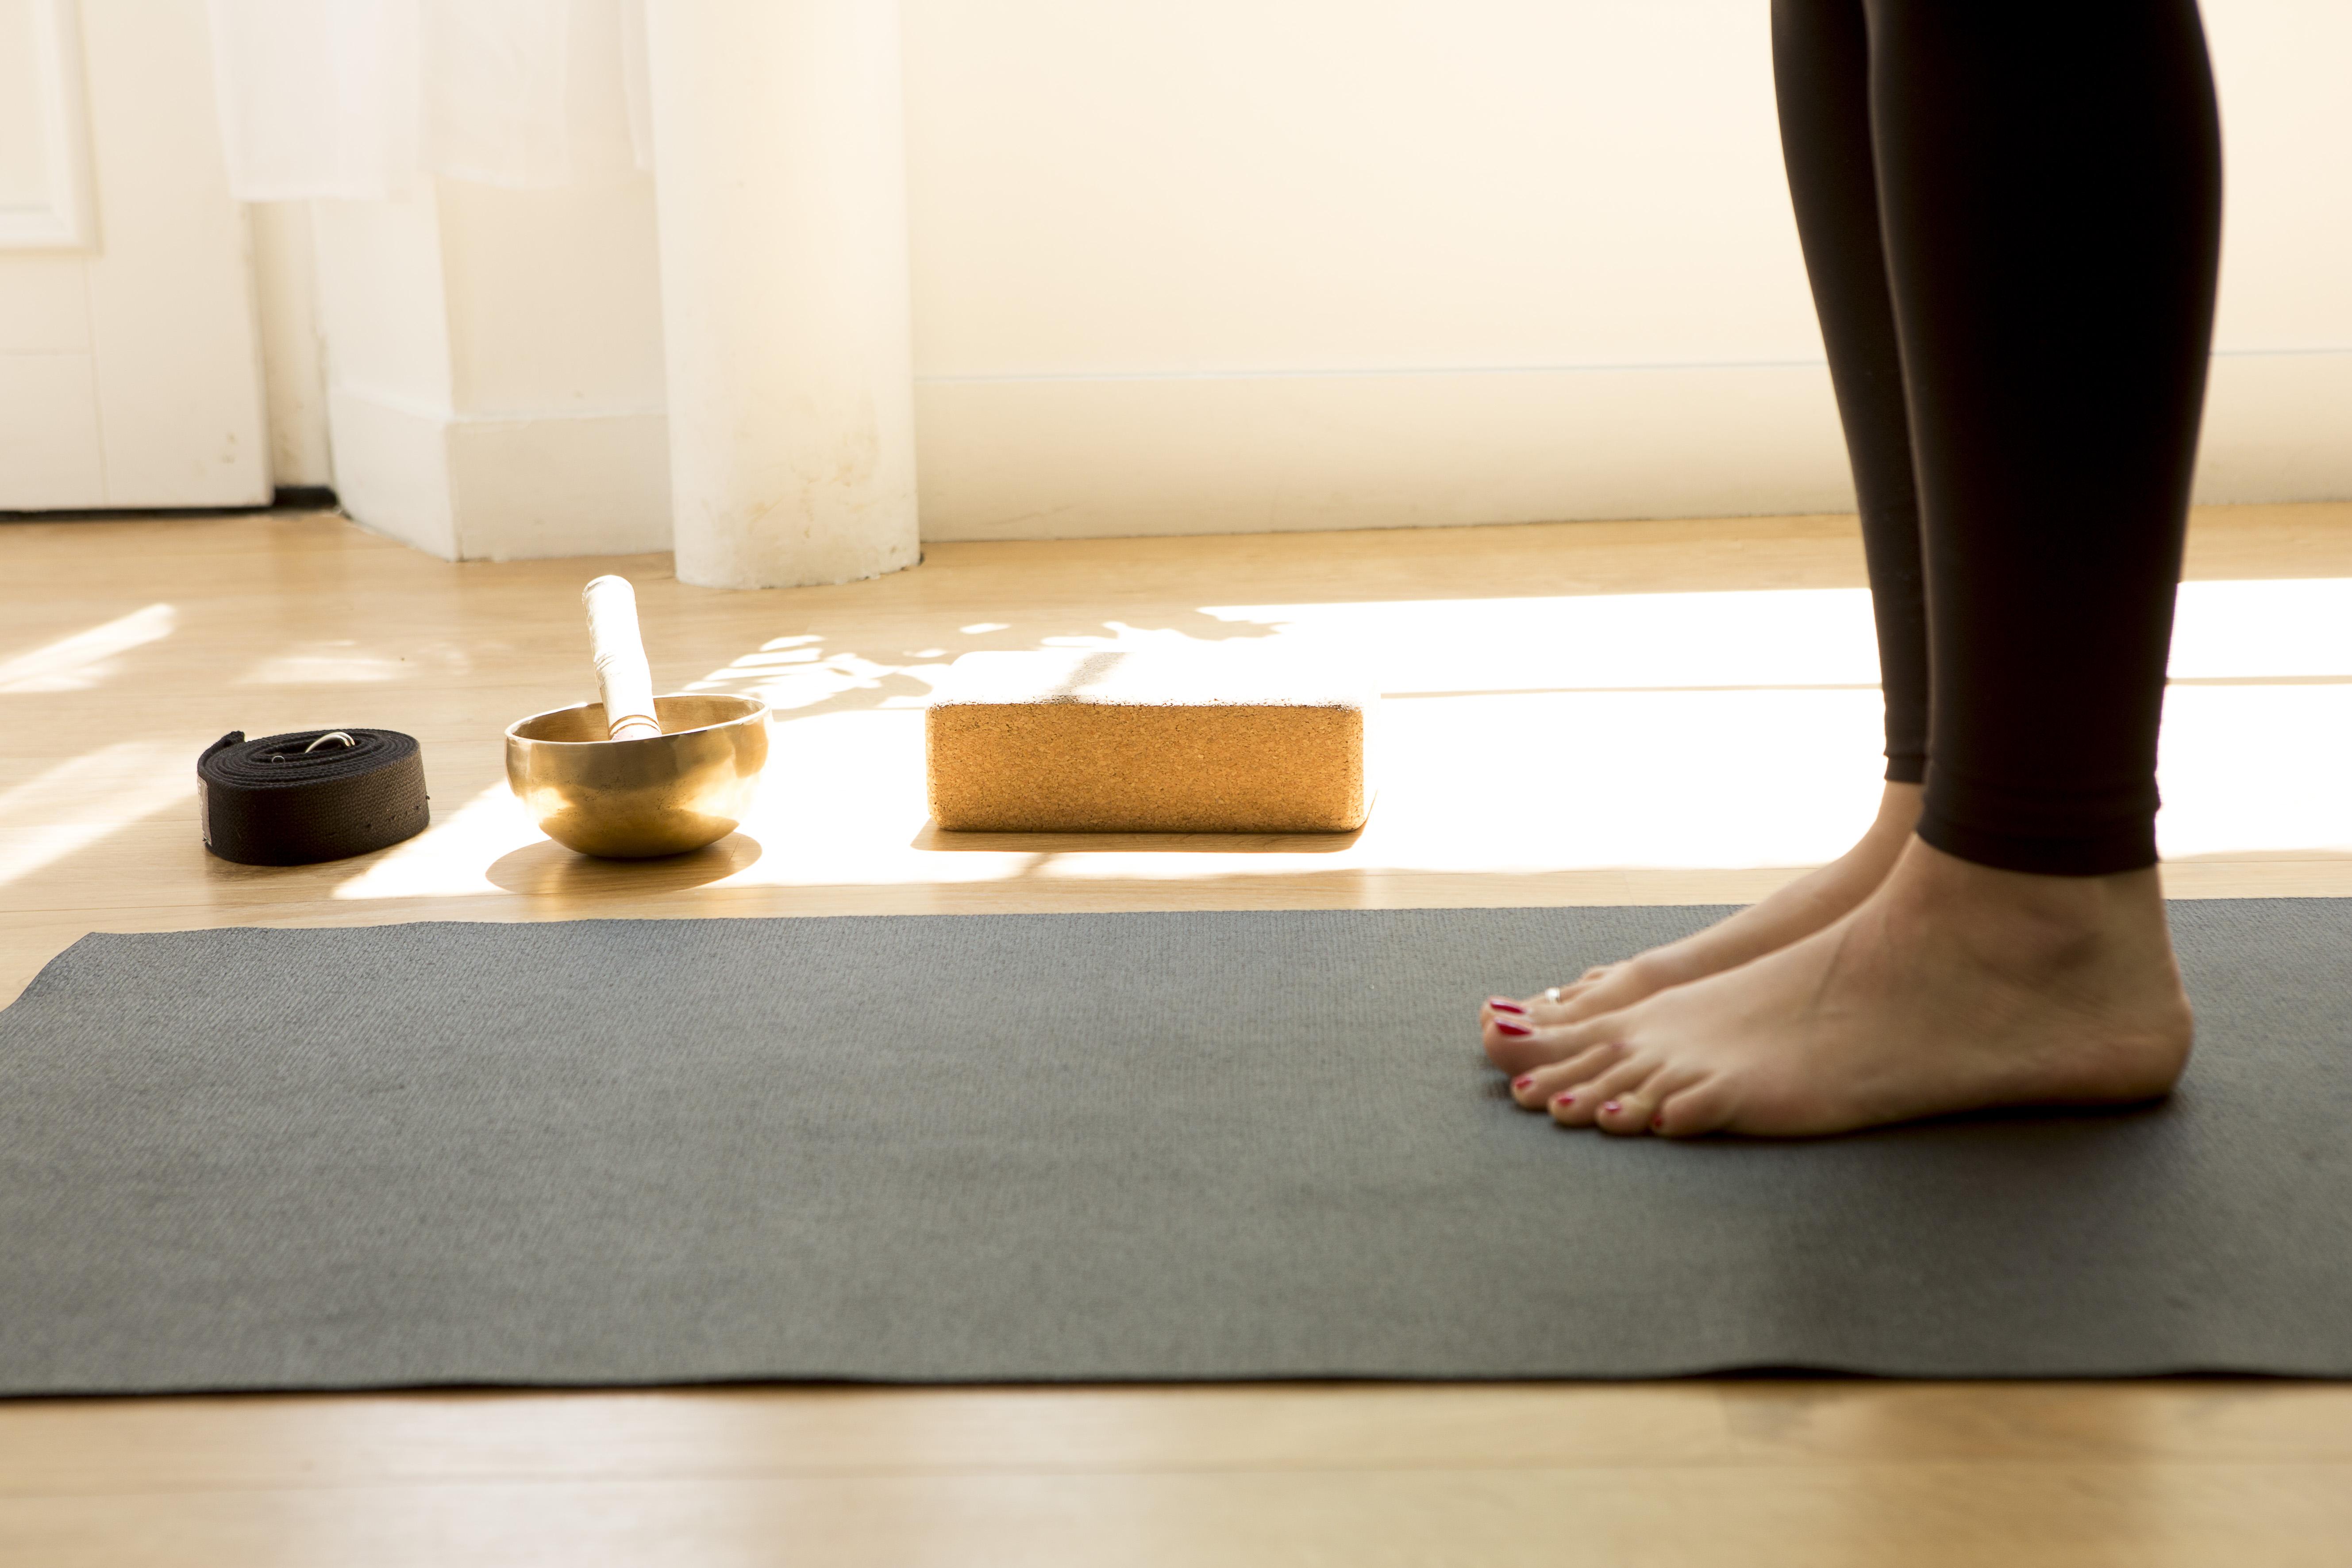 Lieu coccon pilates yoga ateliers developpement personnel bien être paris 8 paris 17